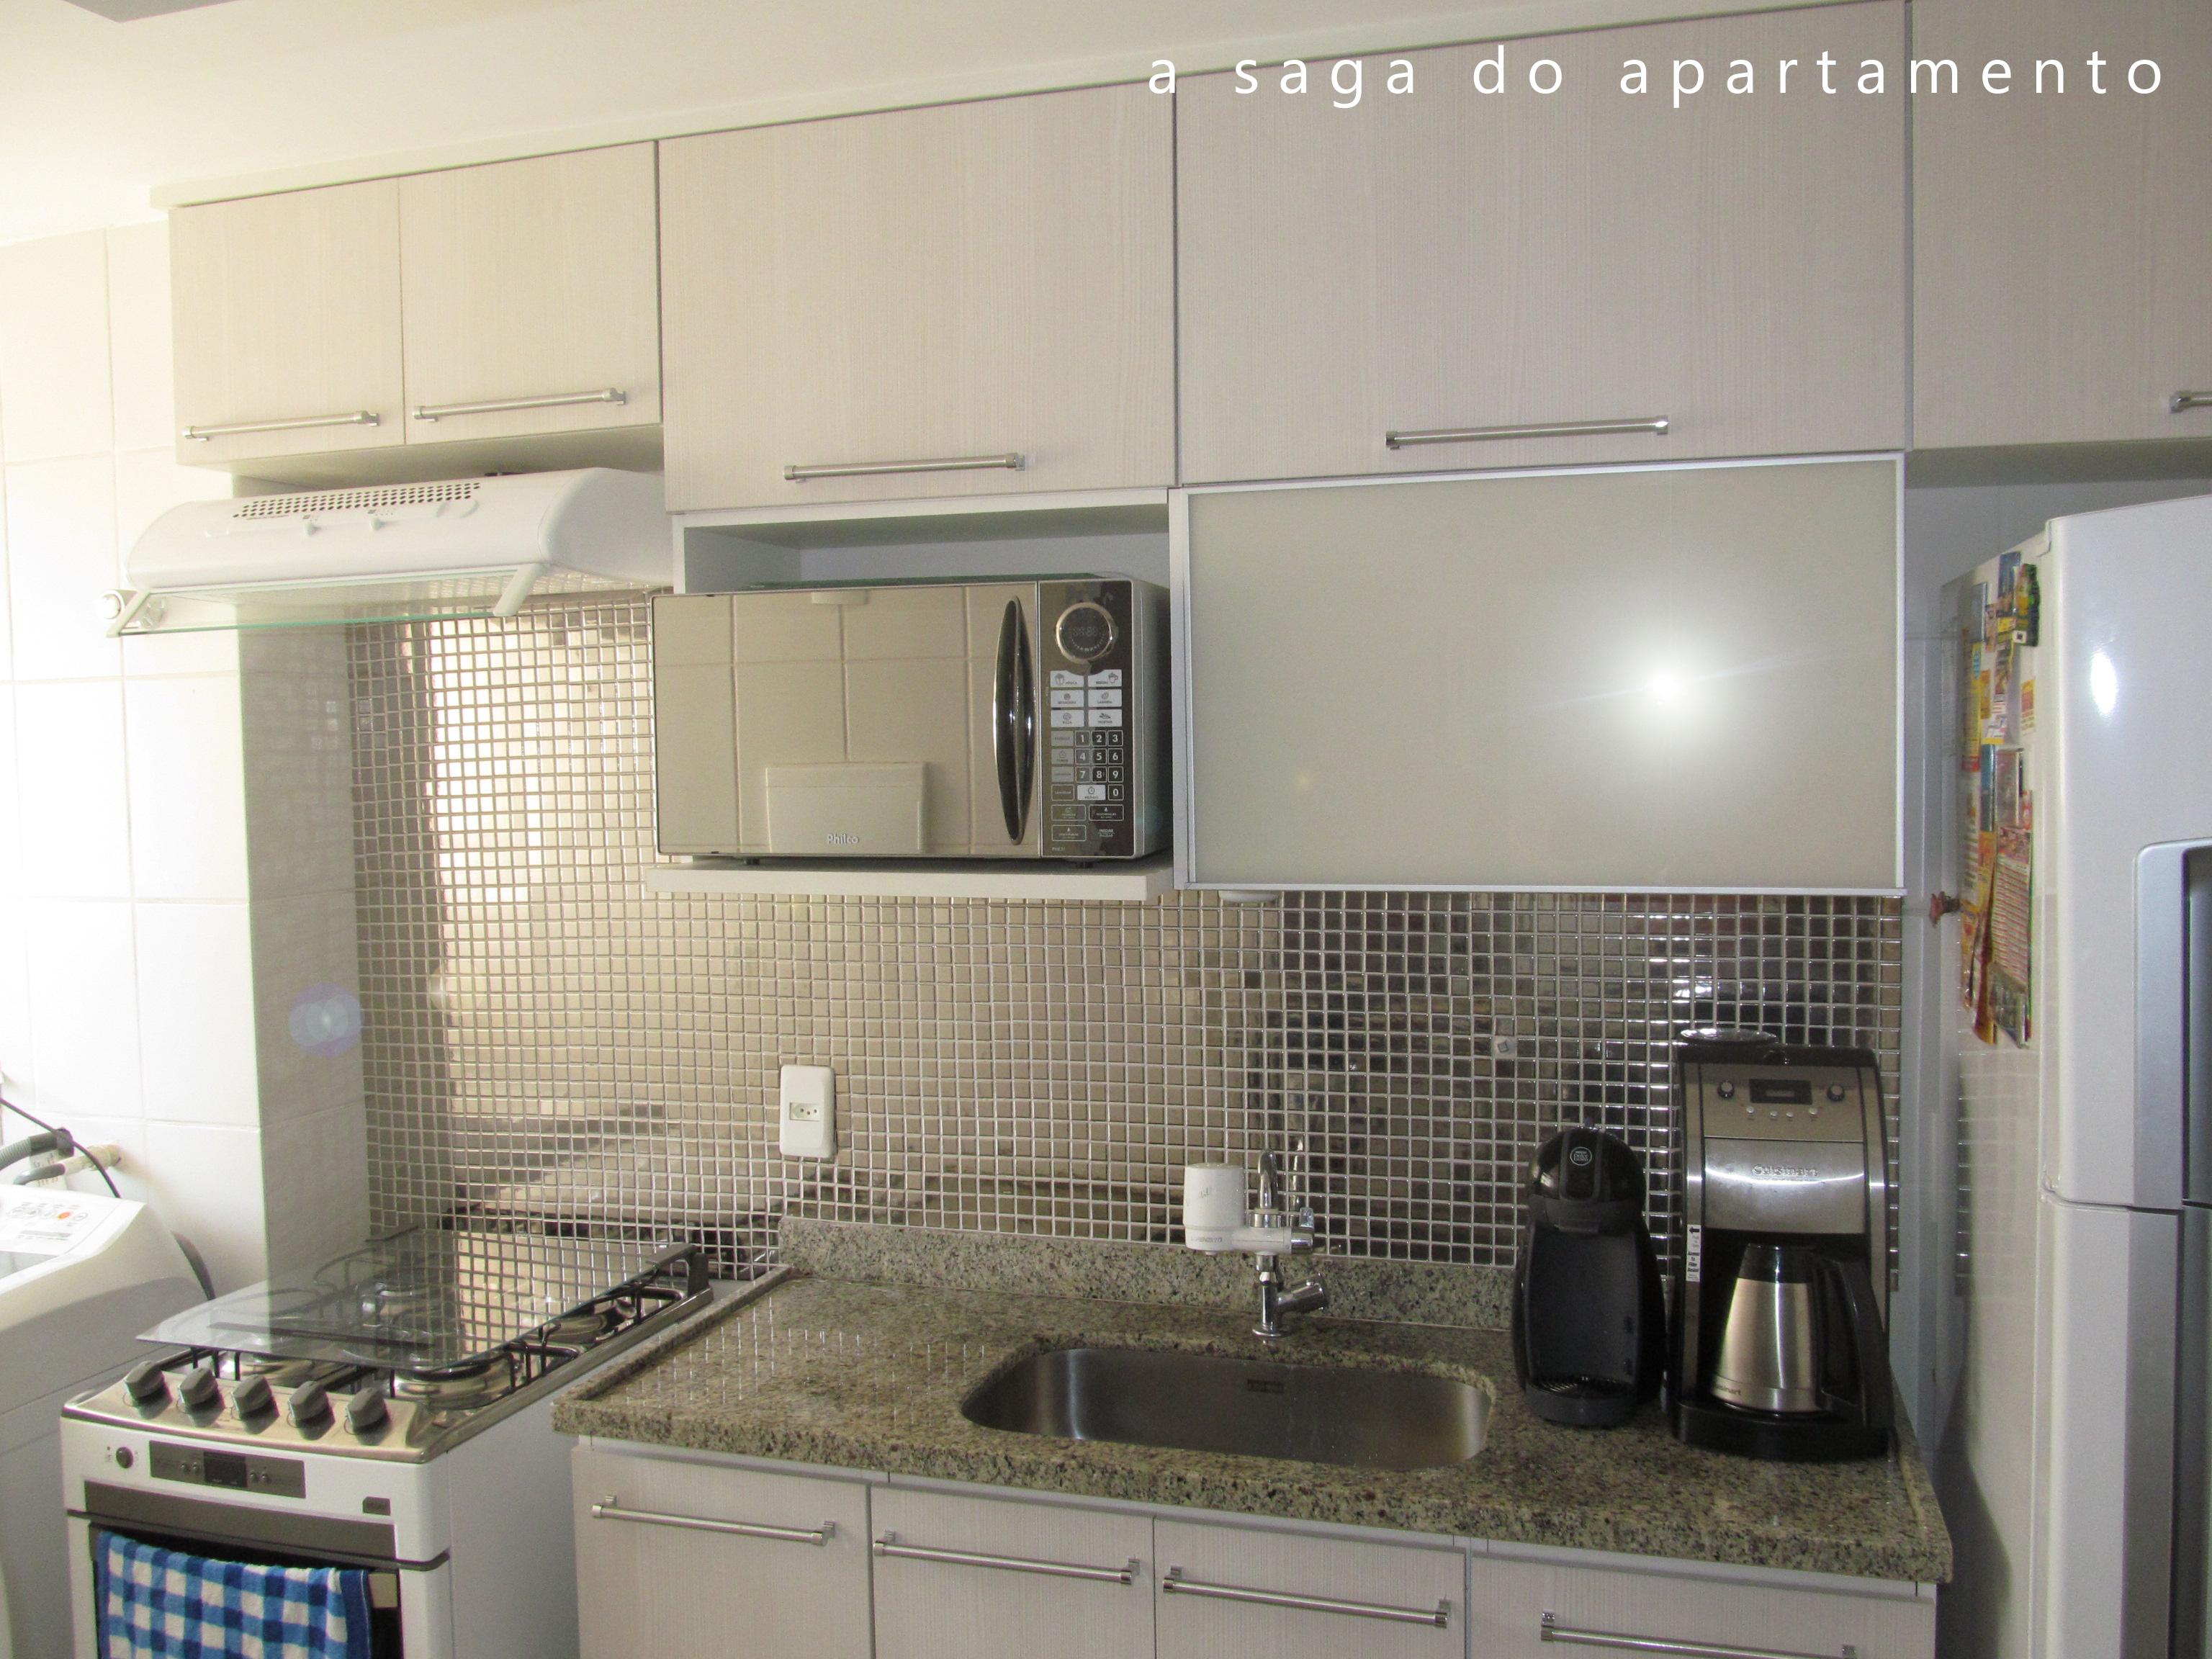 de Vidro parte 4: Pastilhas Inox na Cozinha a saga do apartamento #364866 3072x2304 Acabamento Banheiro E Cozinha